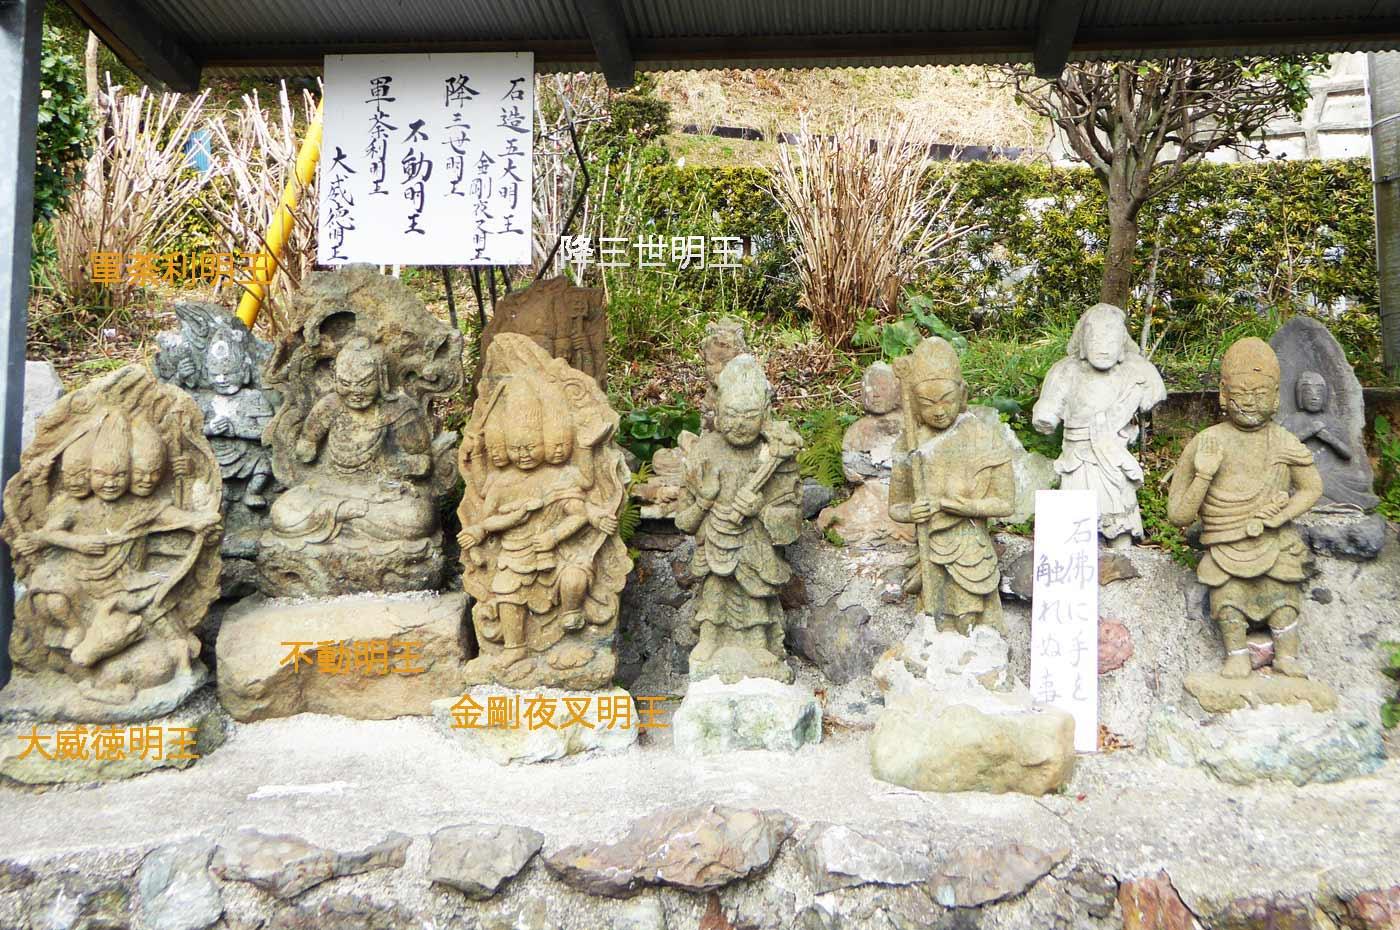 石像五大明王アップ画像